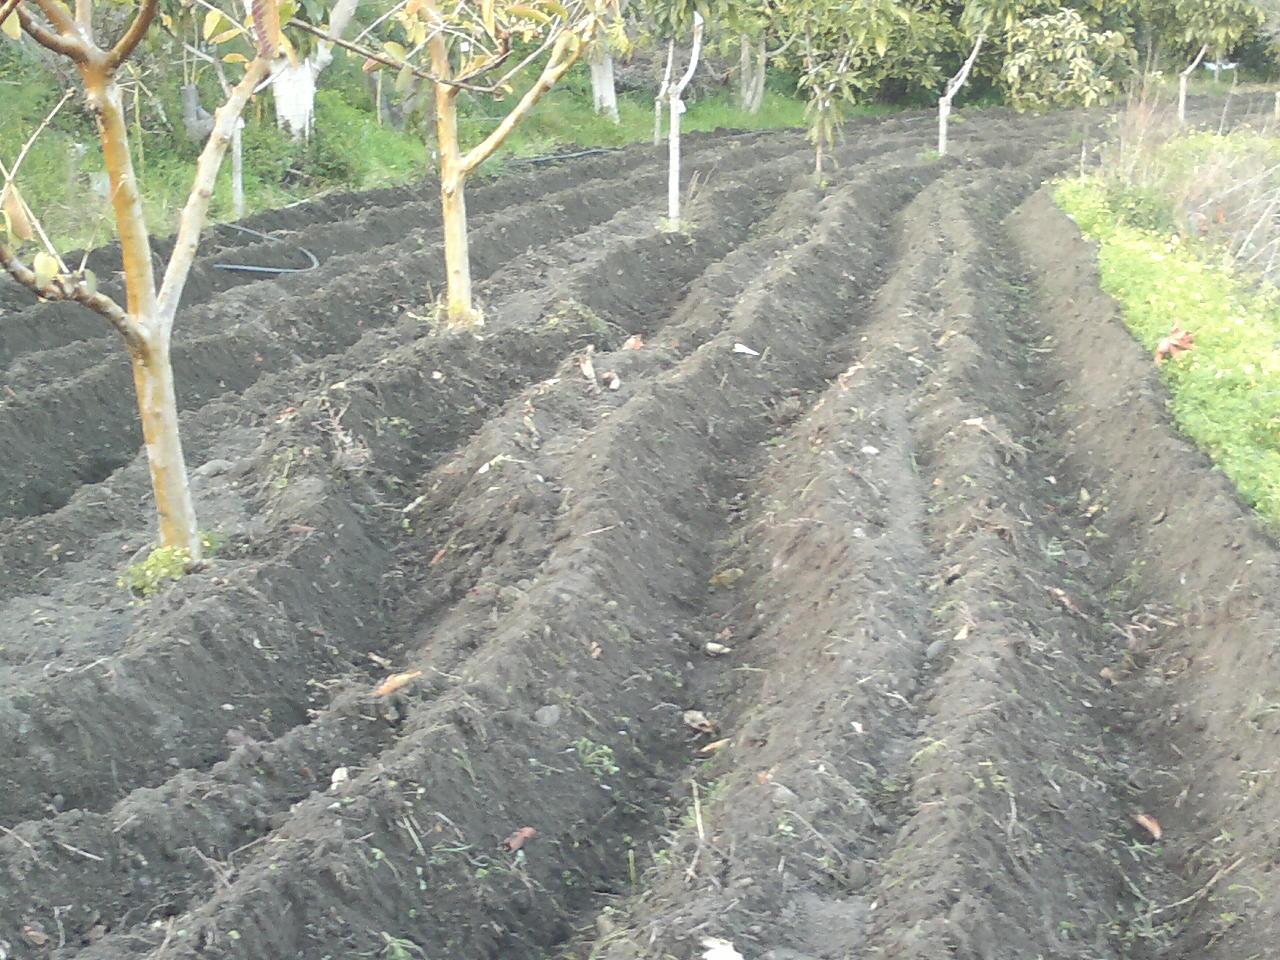 Diario de un campesino preparando la tierra para el - Preparacion de la tierra para sembrar ...